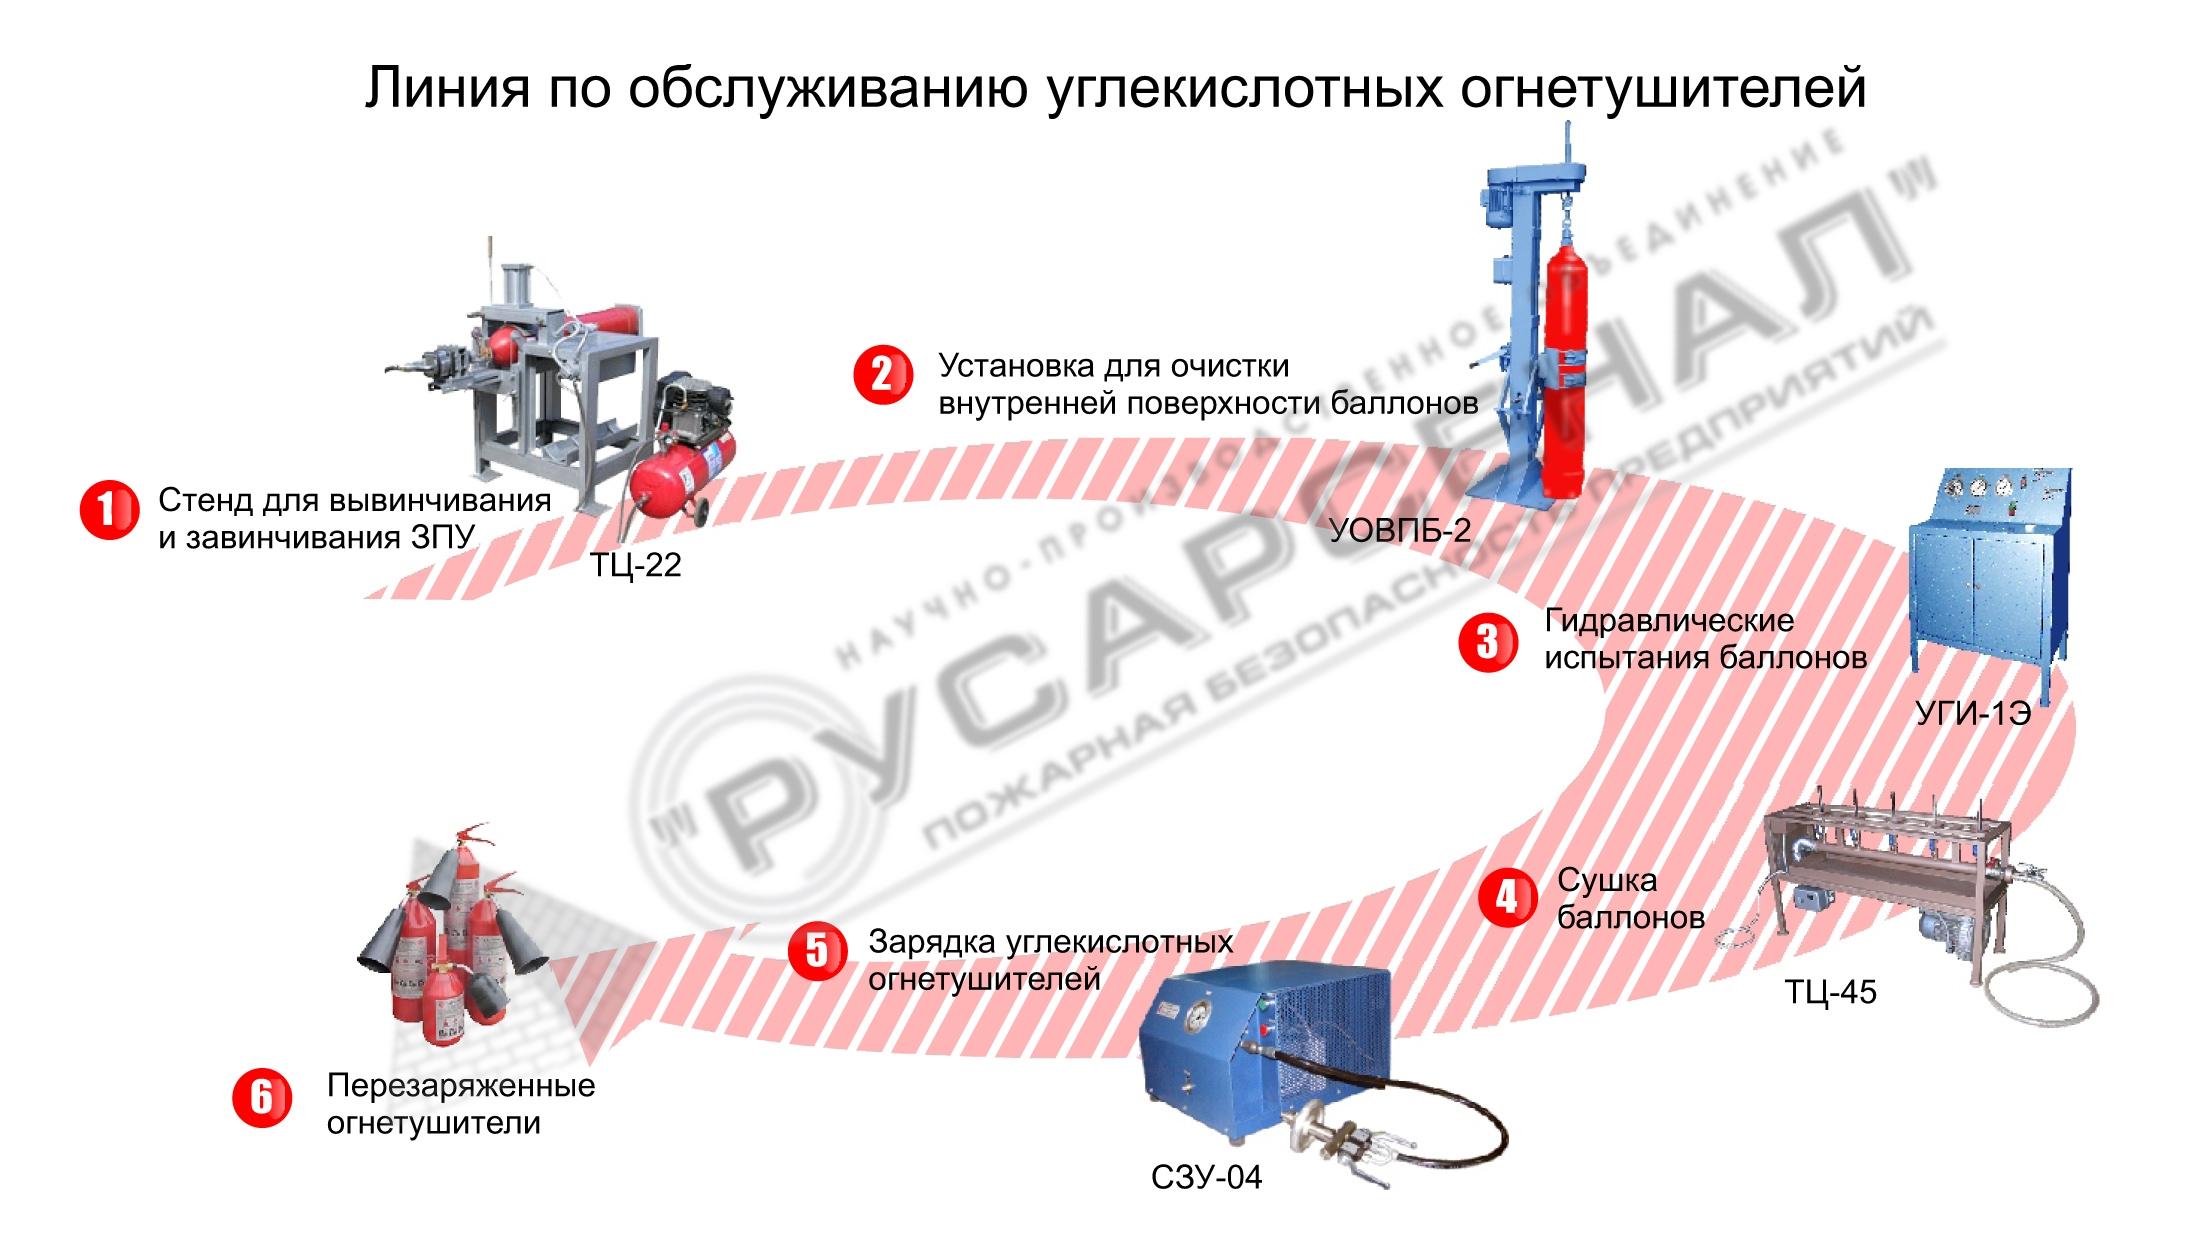 рабочия инструкция для термиста